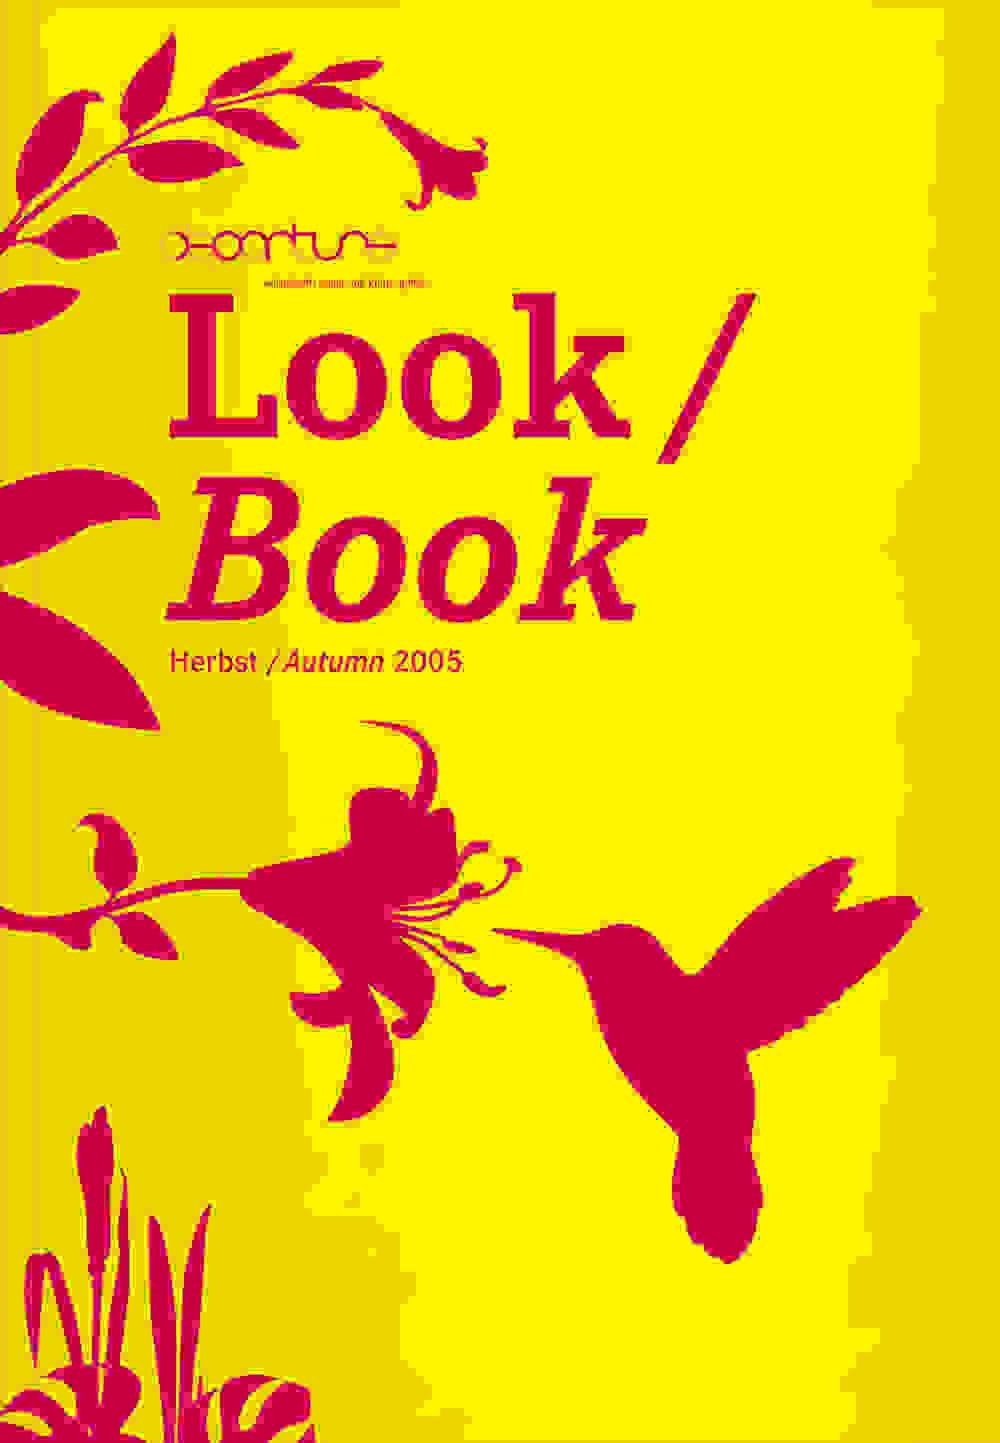 Departure Lookbook2005 1000x1443 0